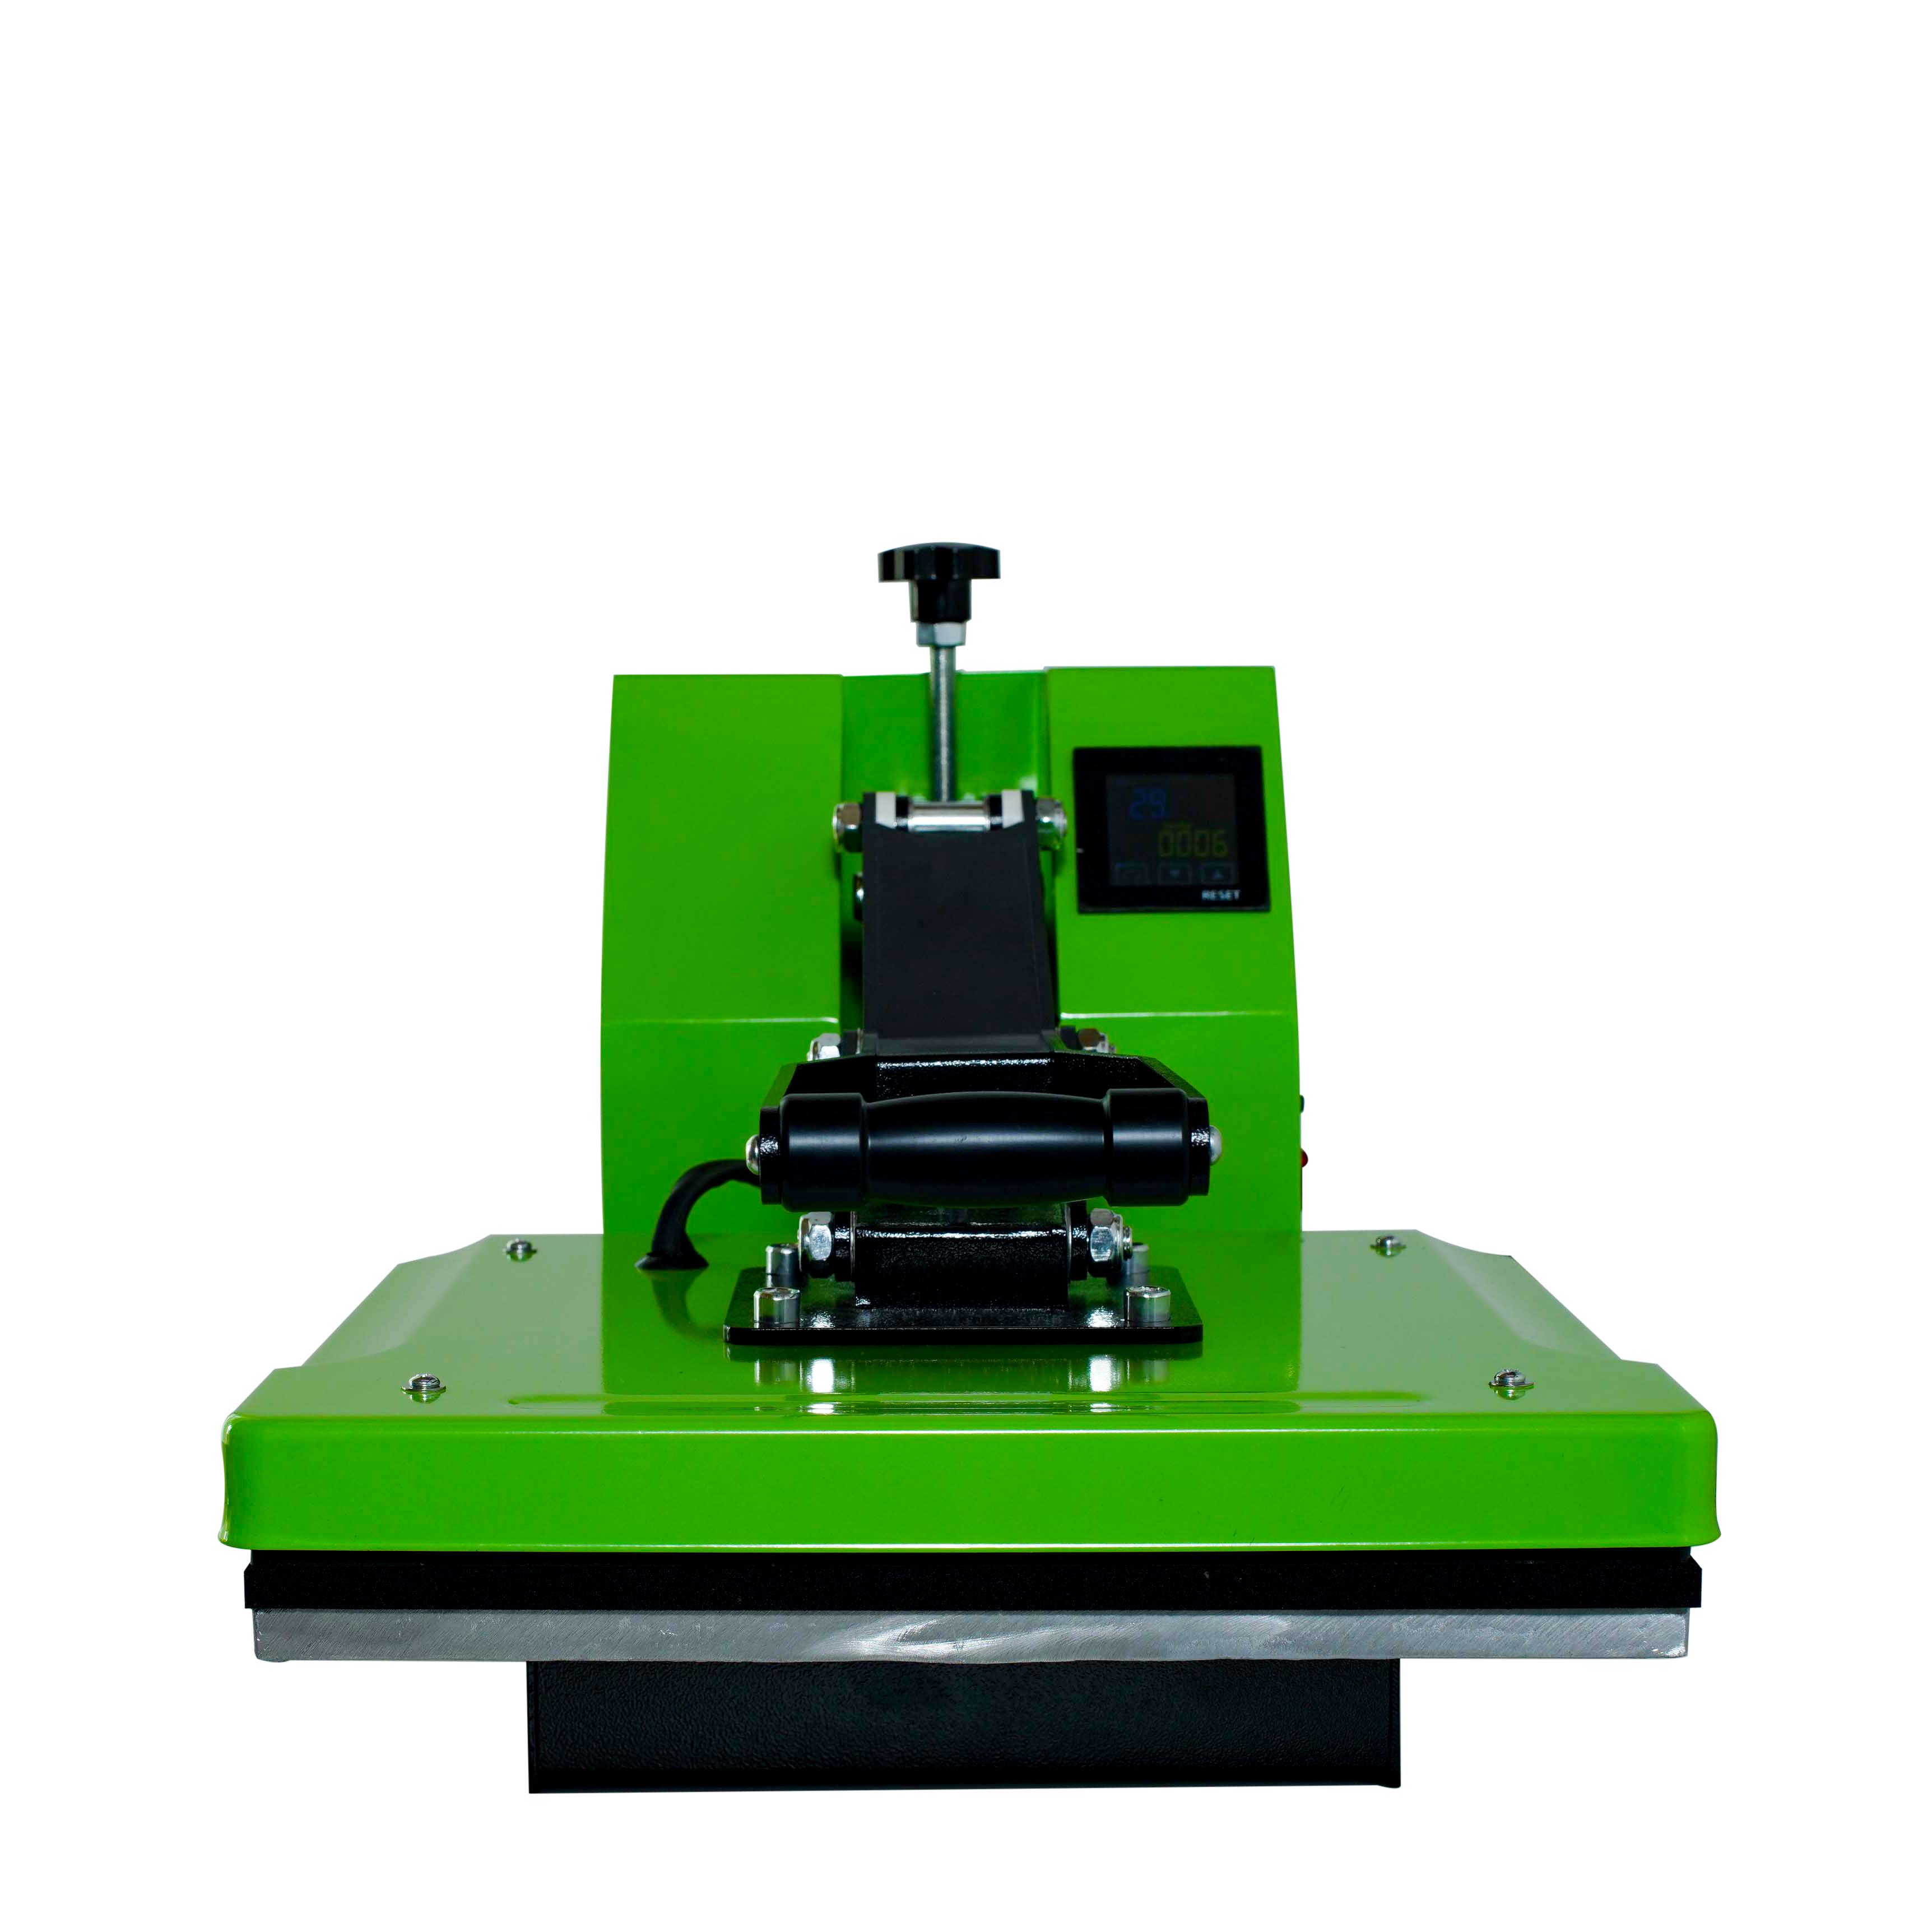 热转印美式高压烫画机厂家直销直压烫钻设备 Featured Image